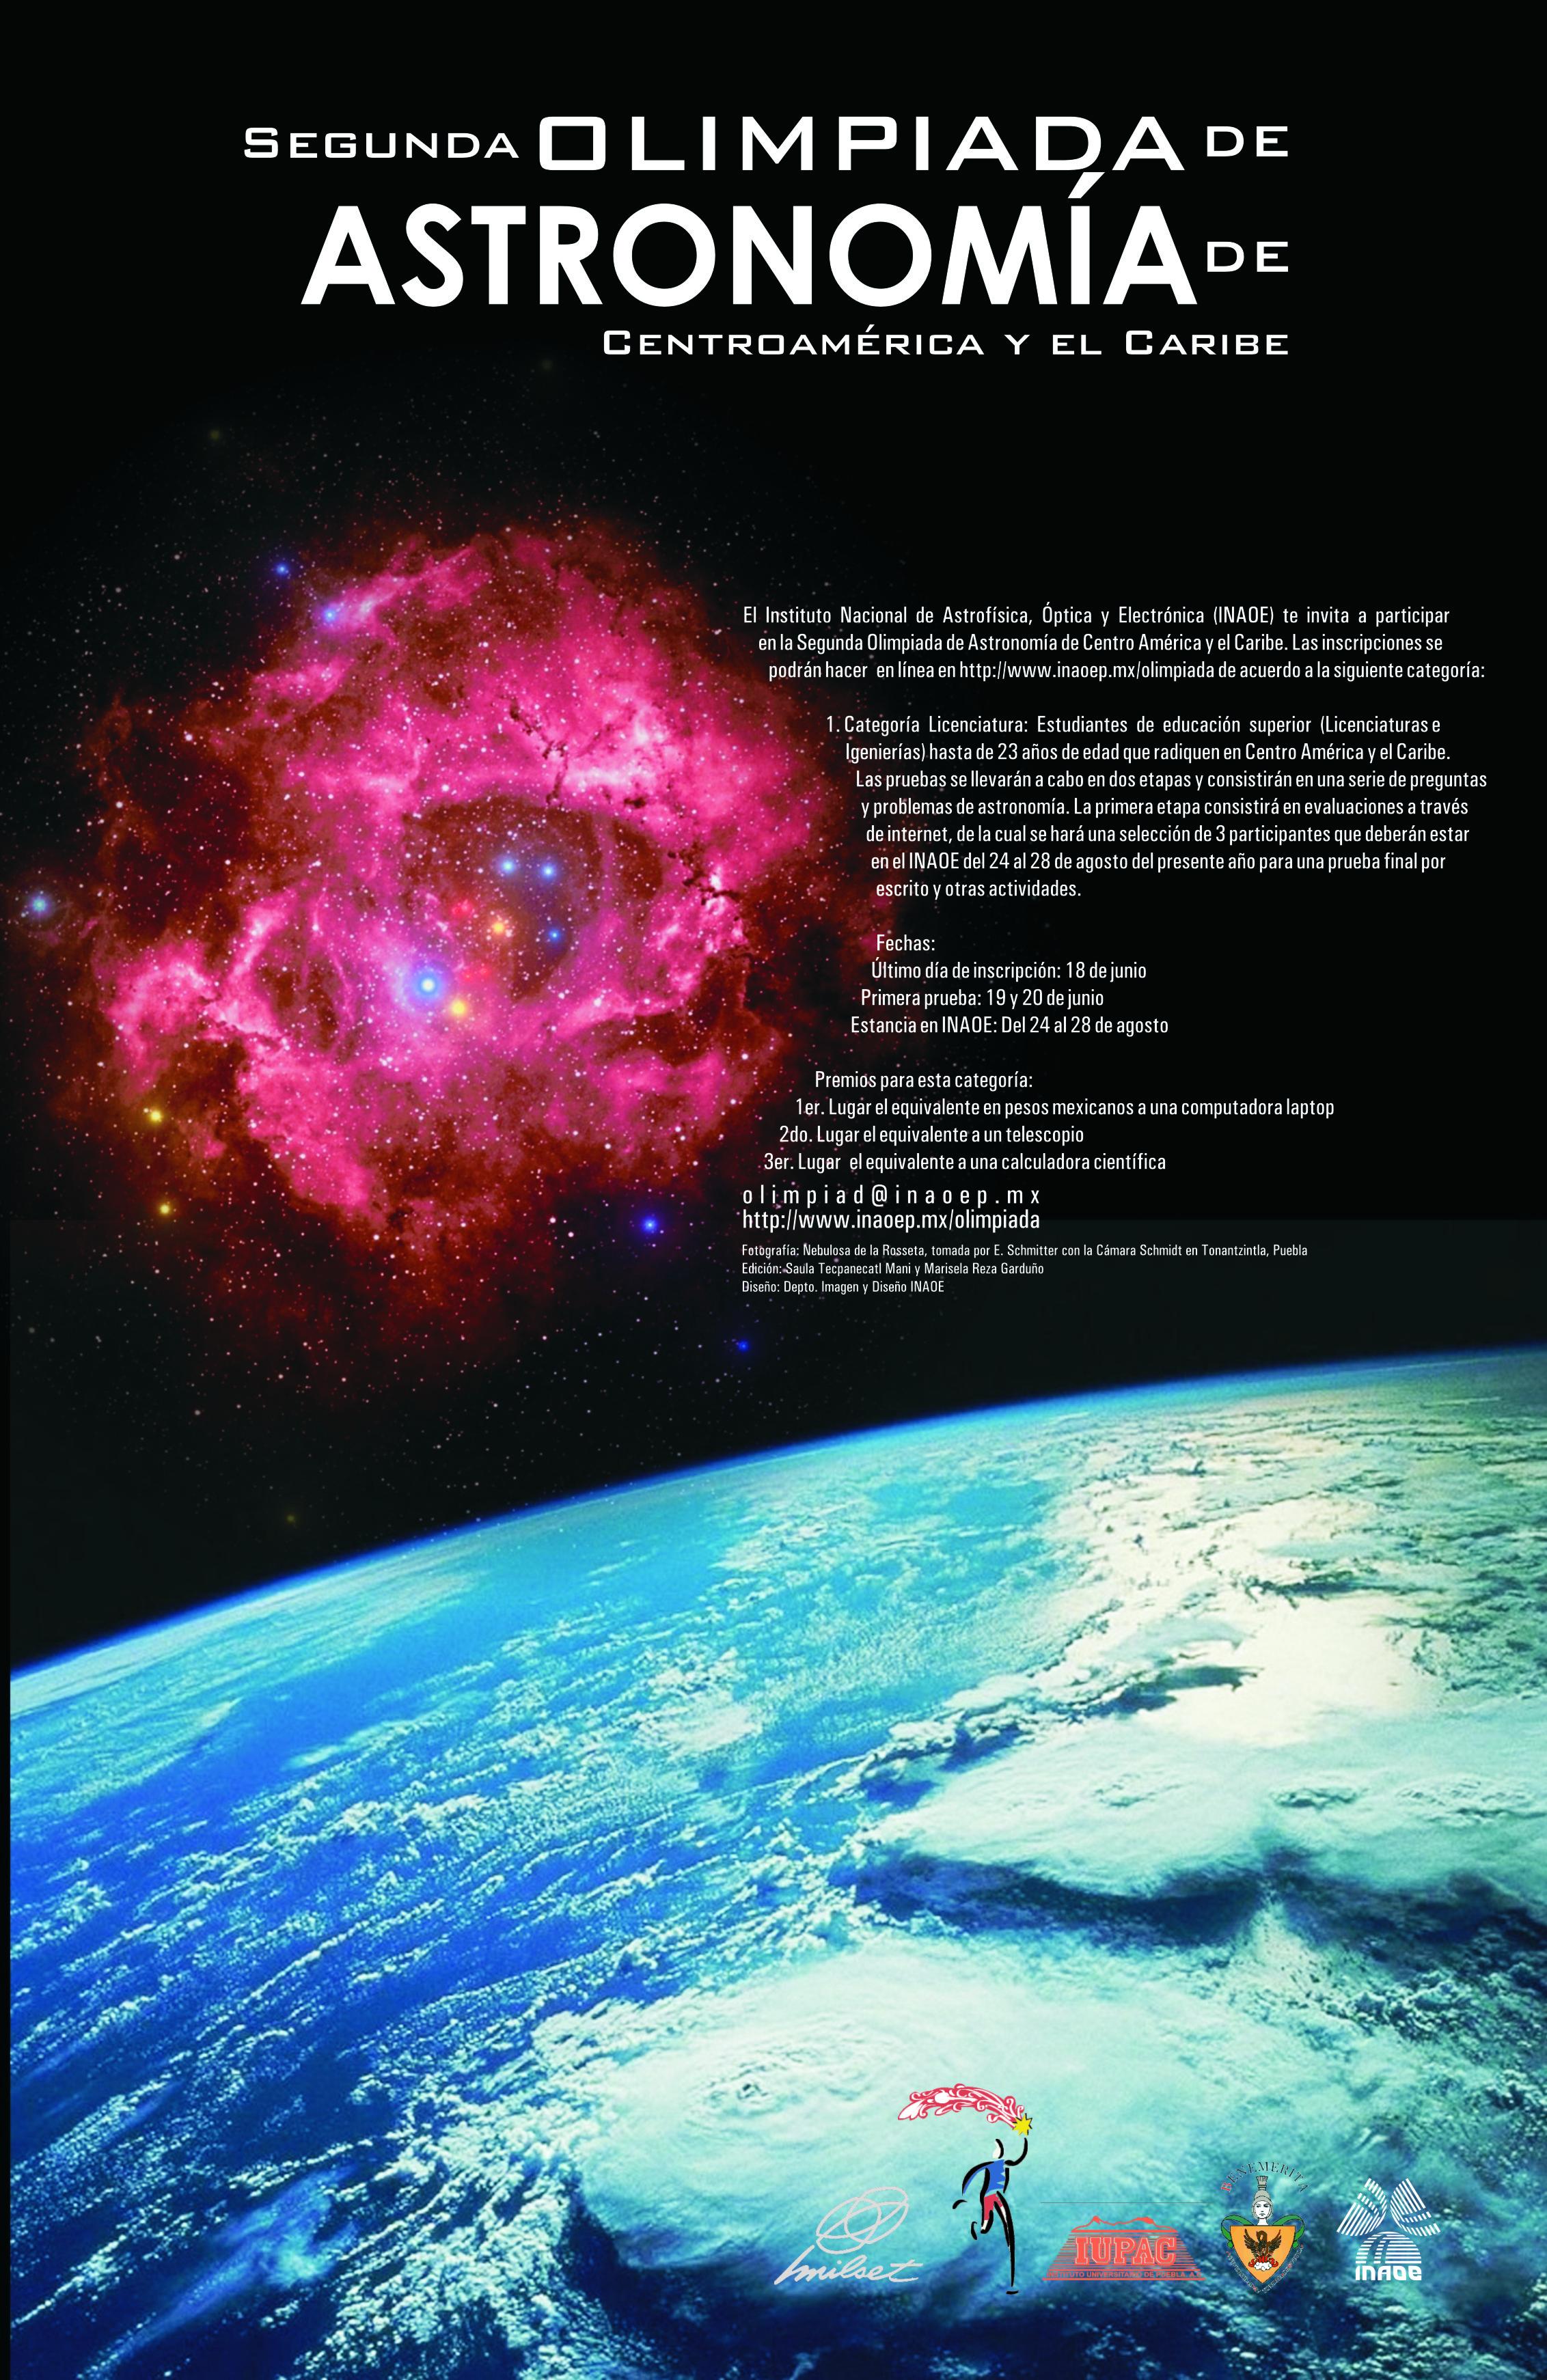 Segunda olimpiada de Astronomía Centroamérica